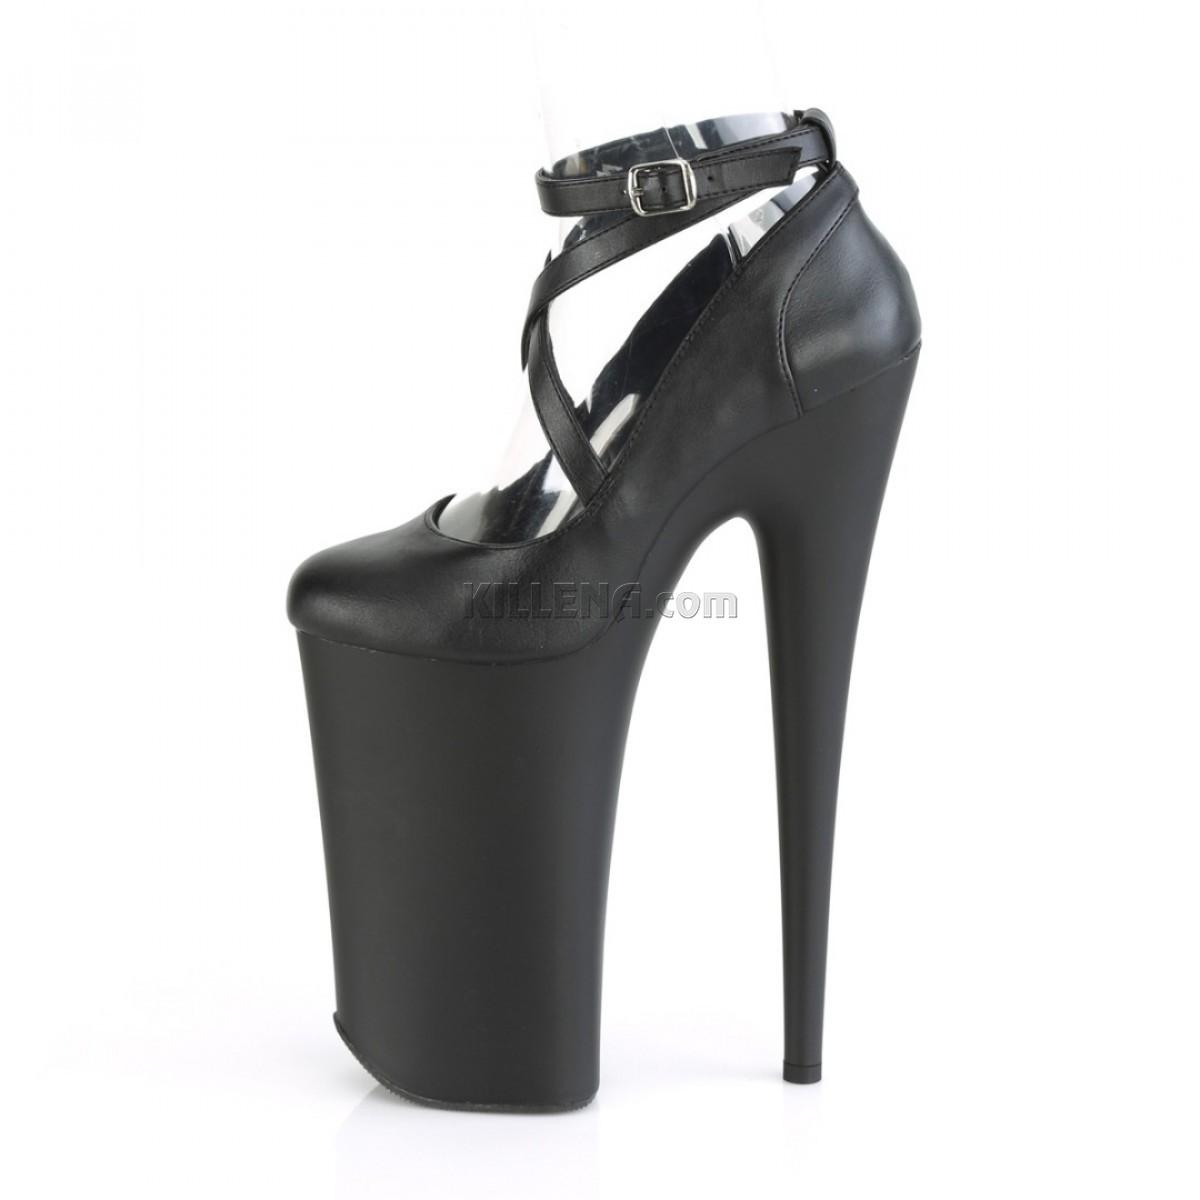 Матовые чёрные высокие туфли Beyond с переплетами